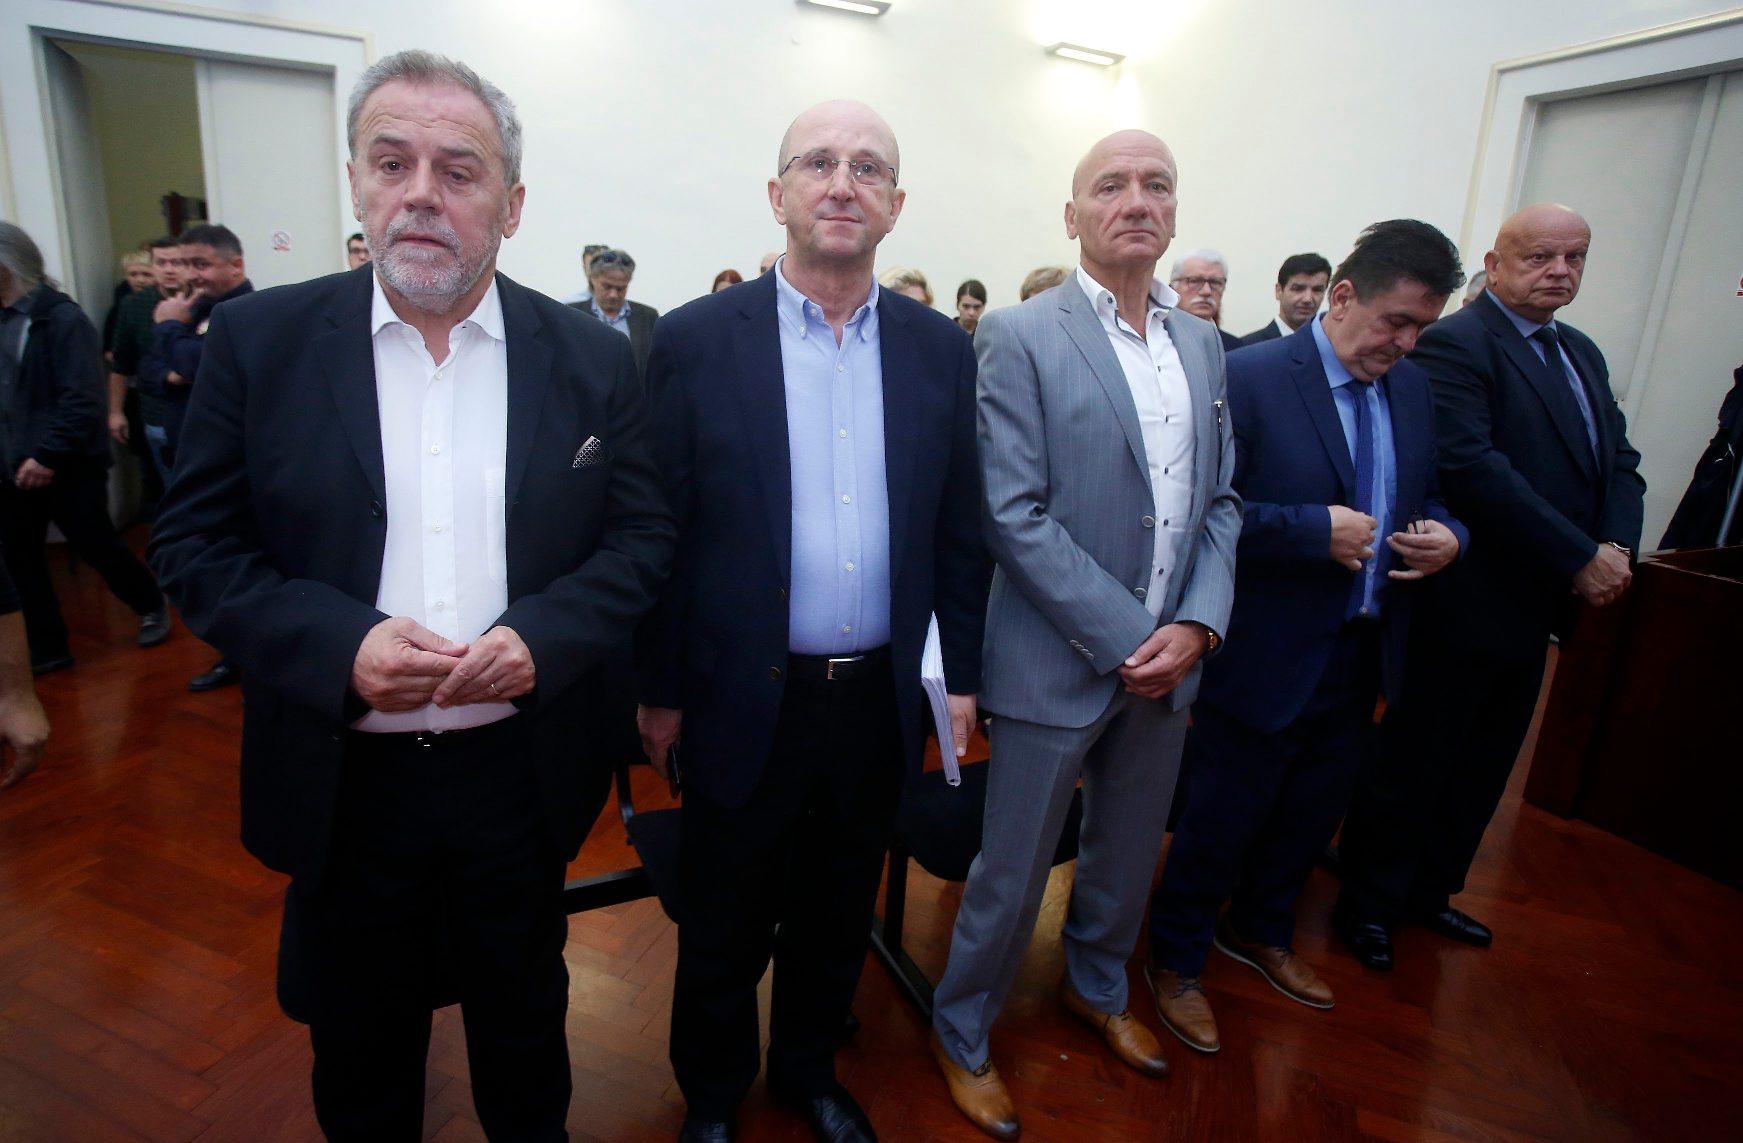 Arhivska fotografija: Milan Bandić, Slobodan Ljubičić Kikaš, Petar Pripuz, Ivan Tolić, Miljenko Benko